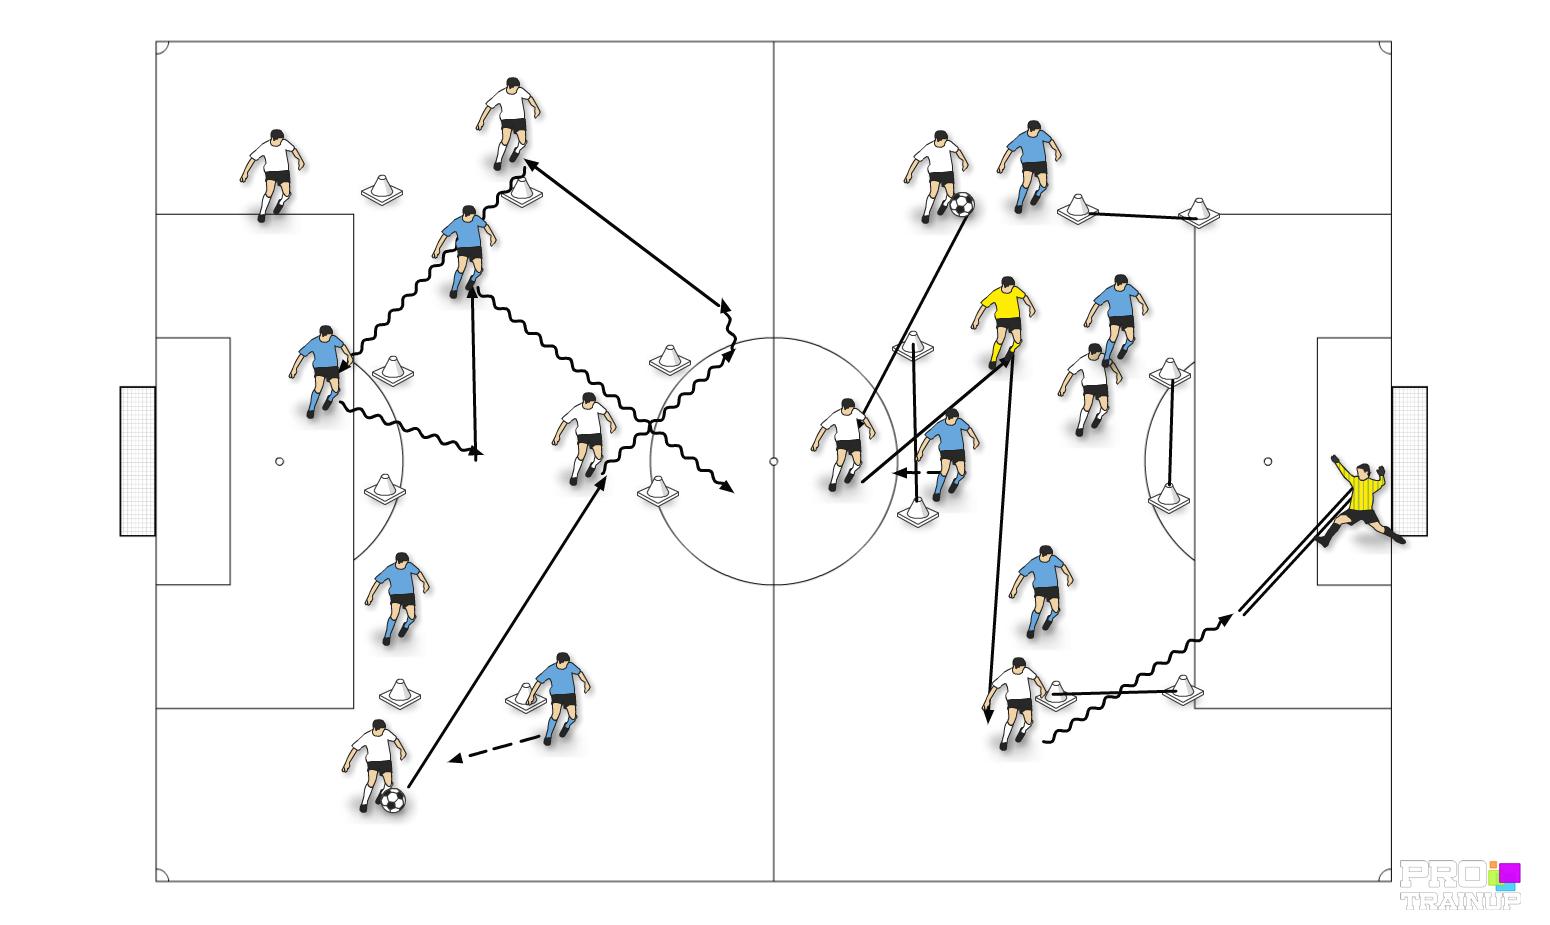 Gra 4vs4+N z przeprowadzeniem przez bramkę